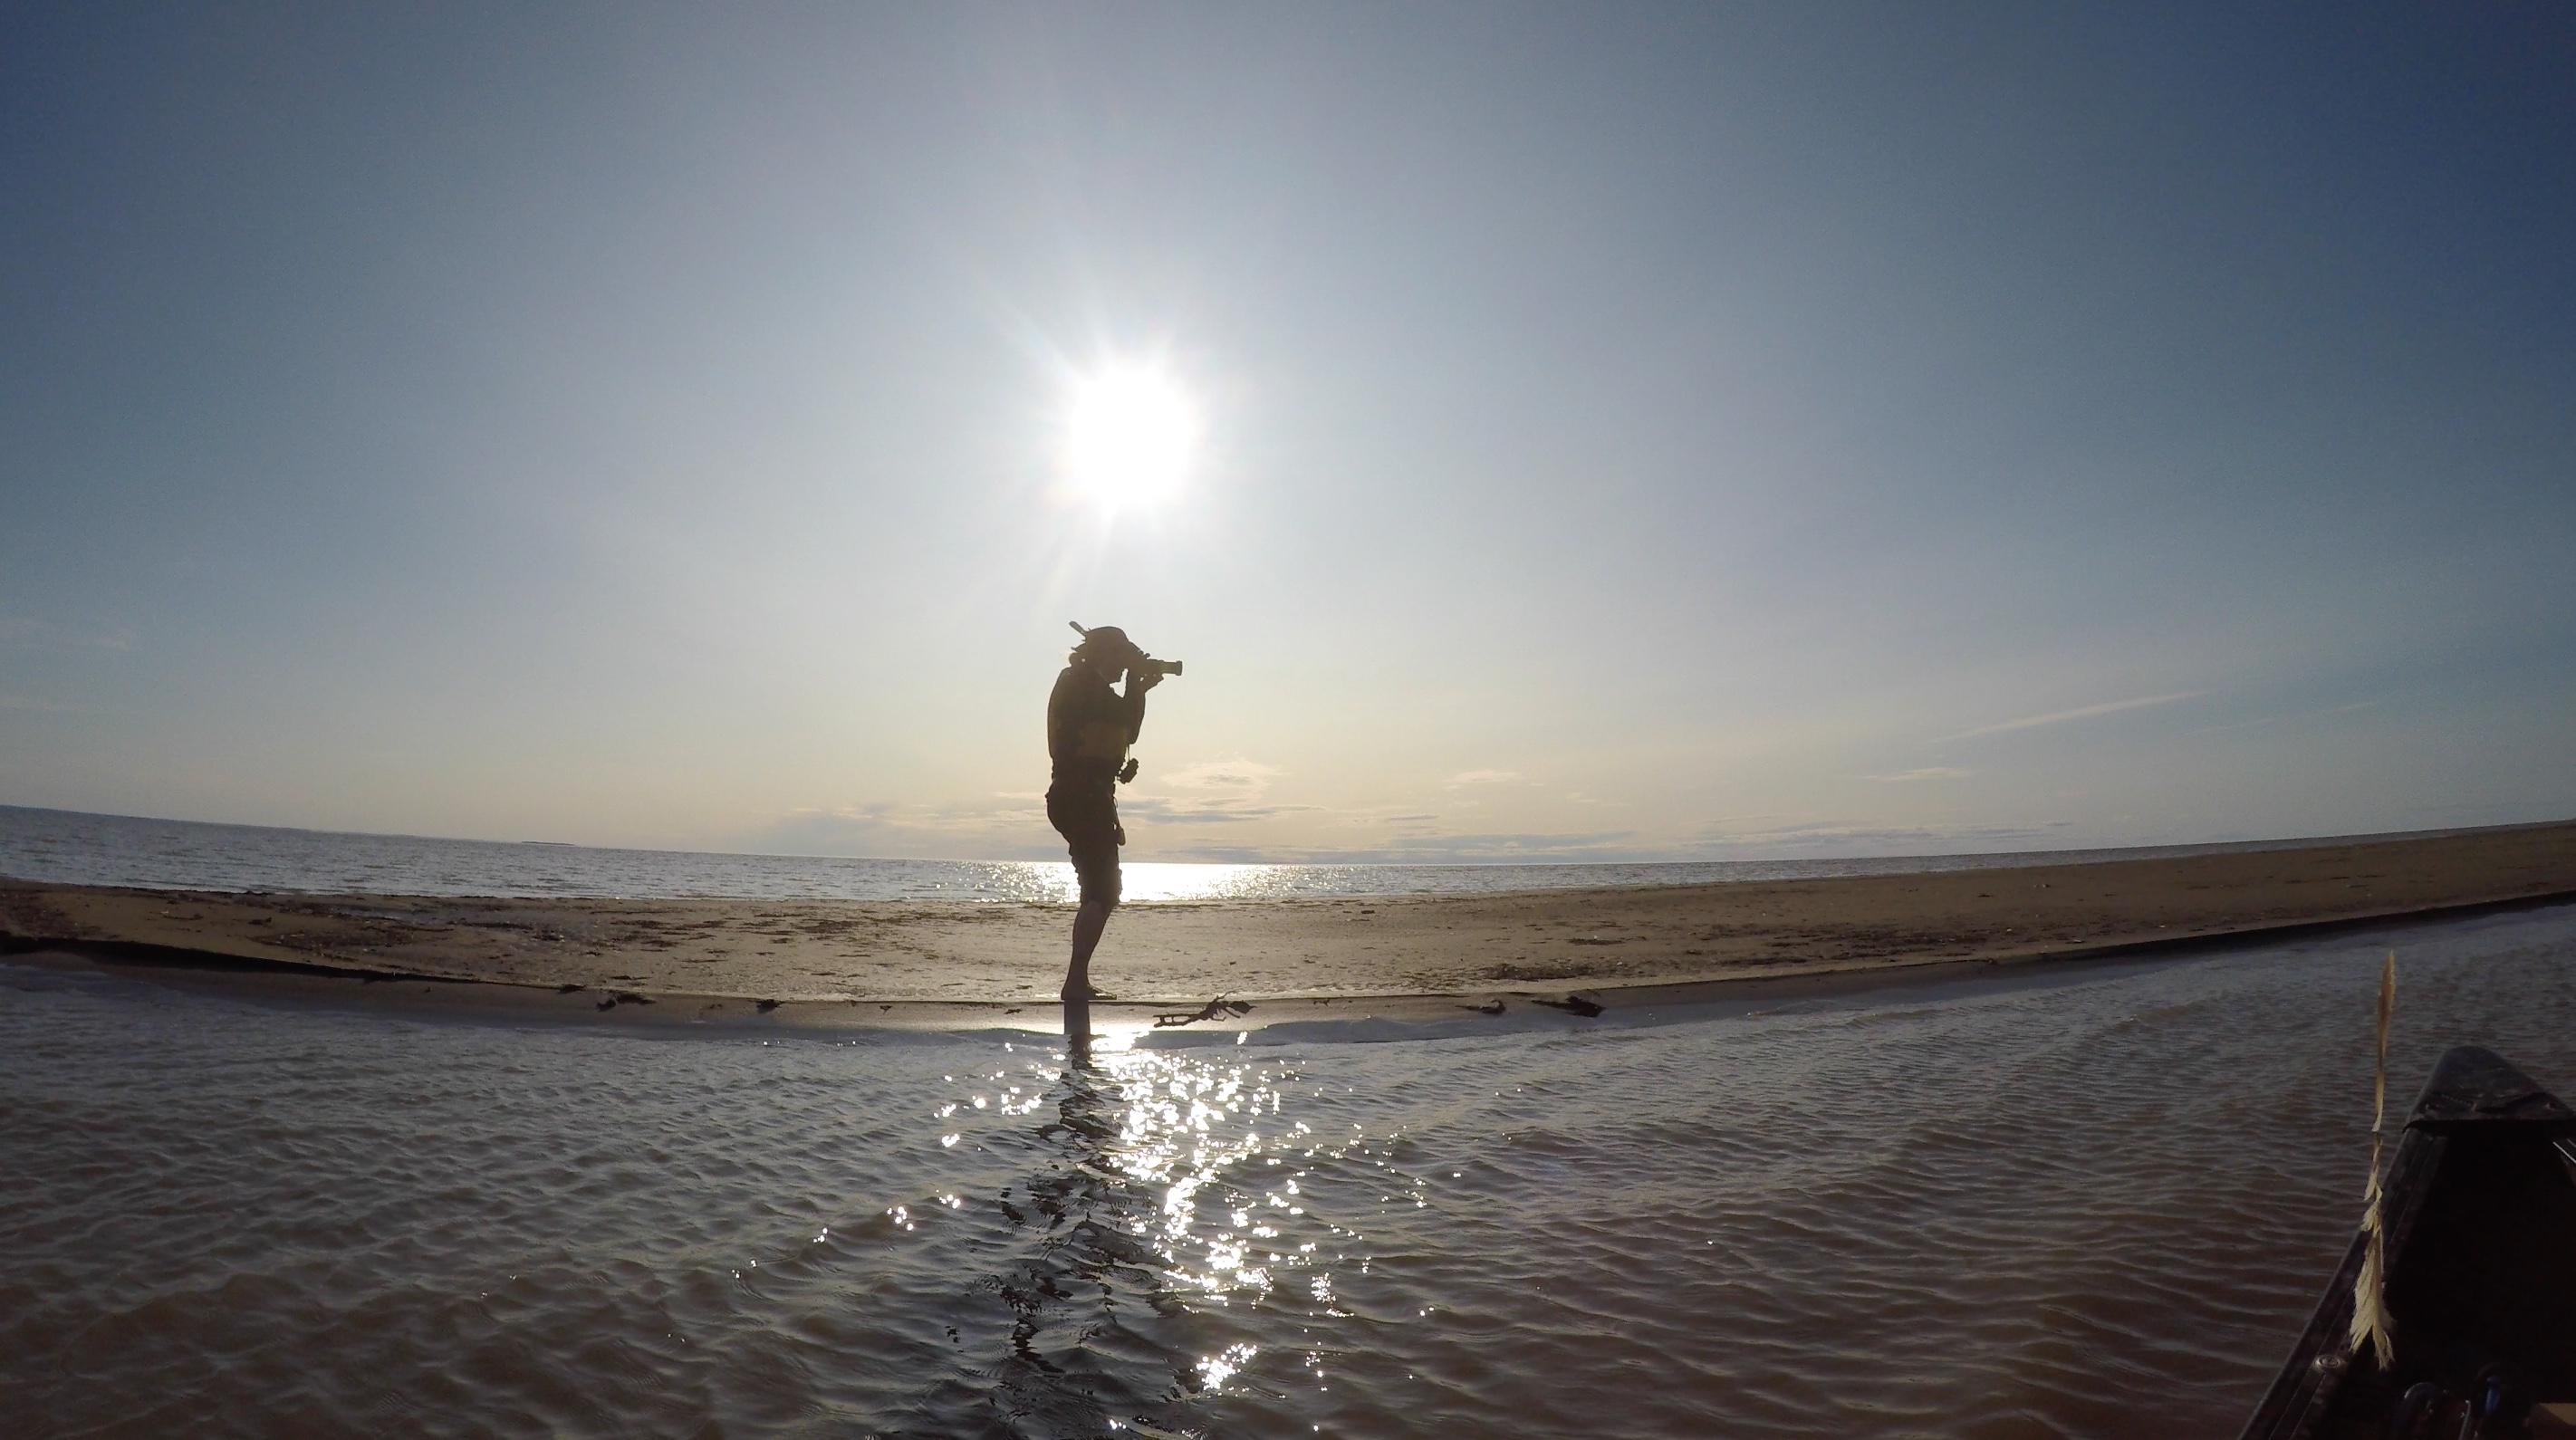 Dianne Whelan filming on Great Slave Lake, N.W.T.